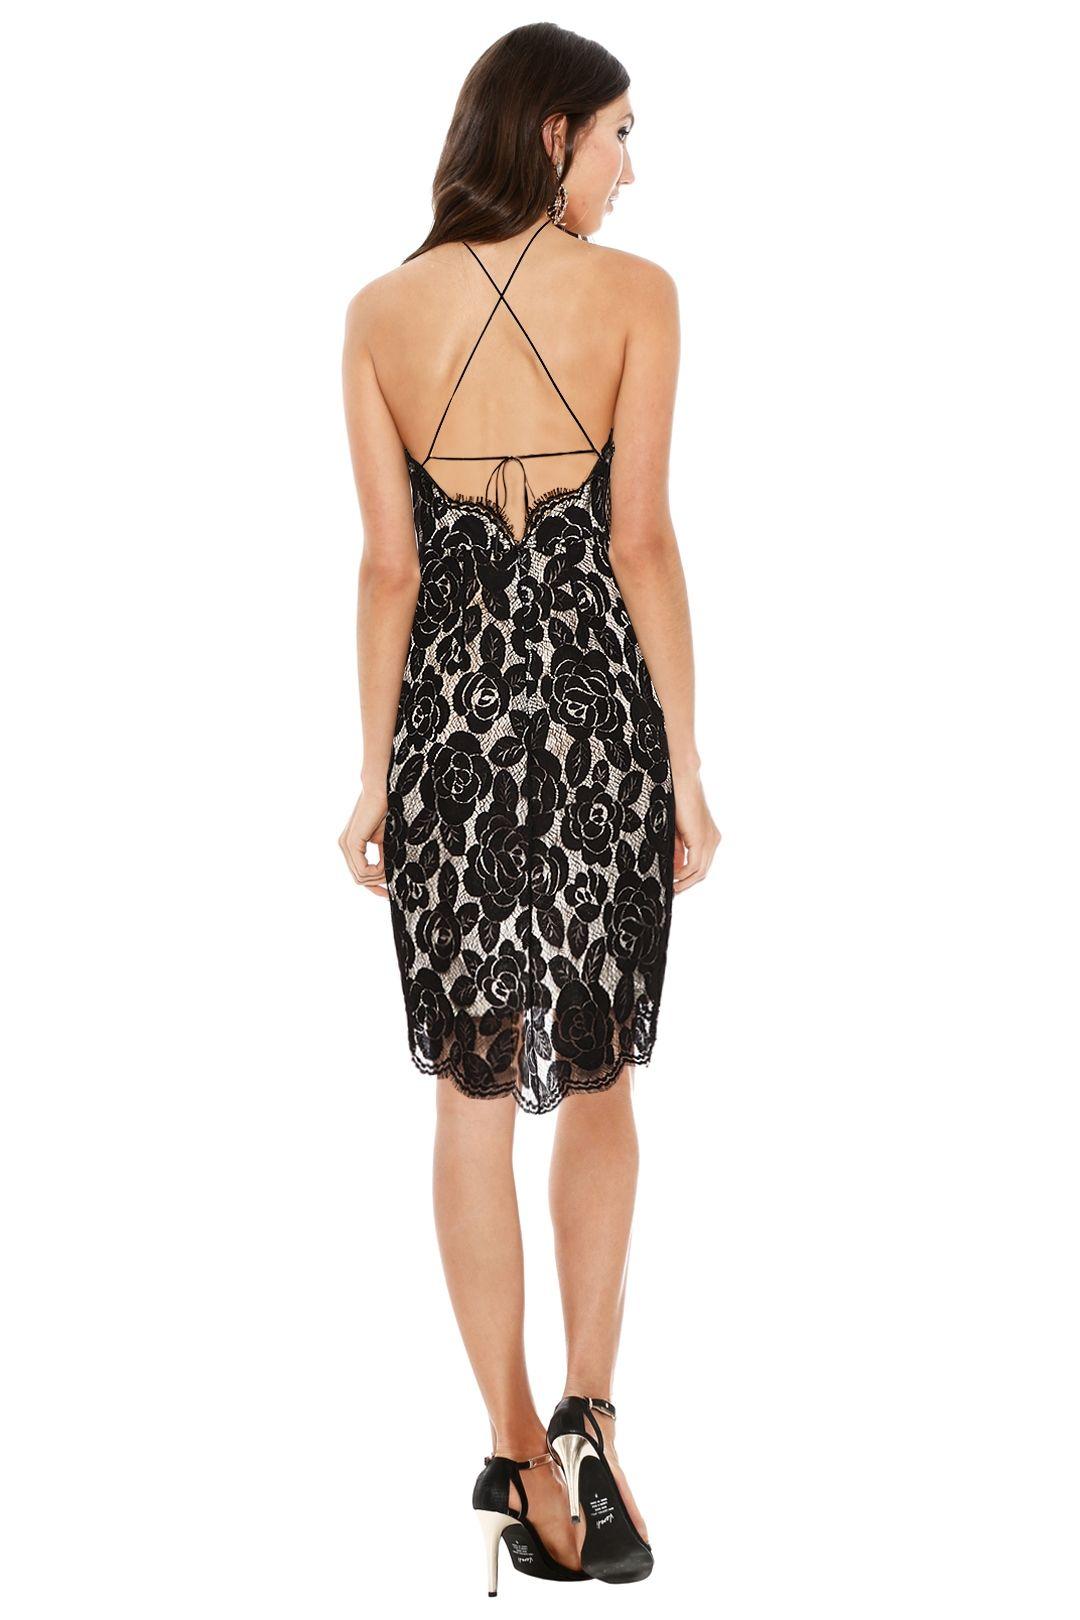 Lover - Rosebud Lace Knit Halter Dress - Black - Back